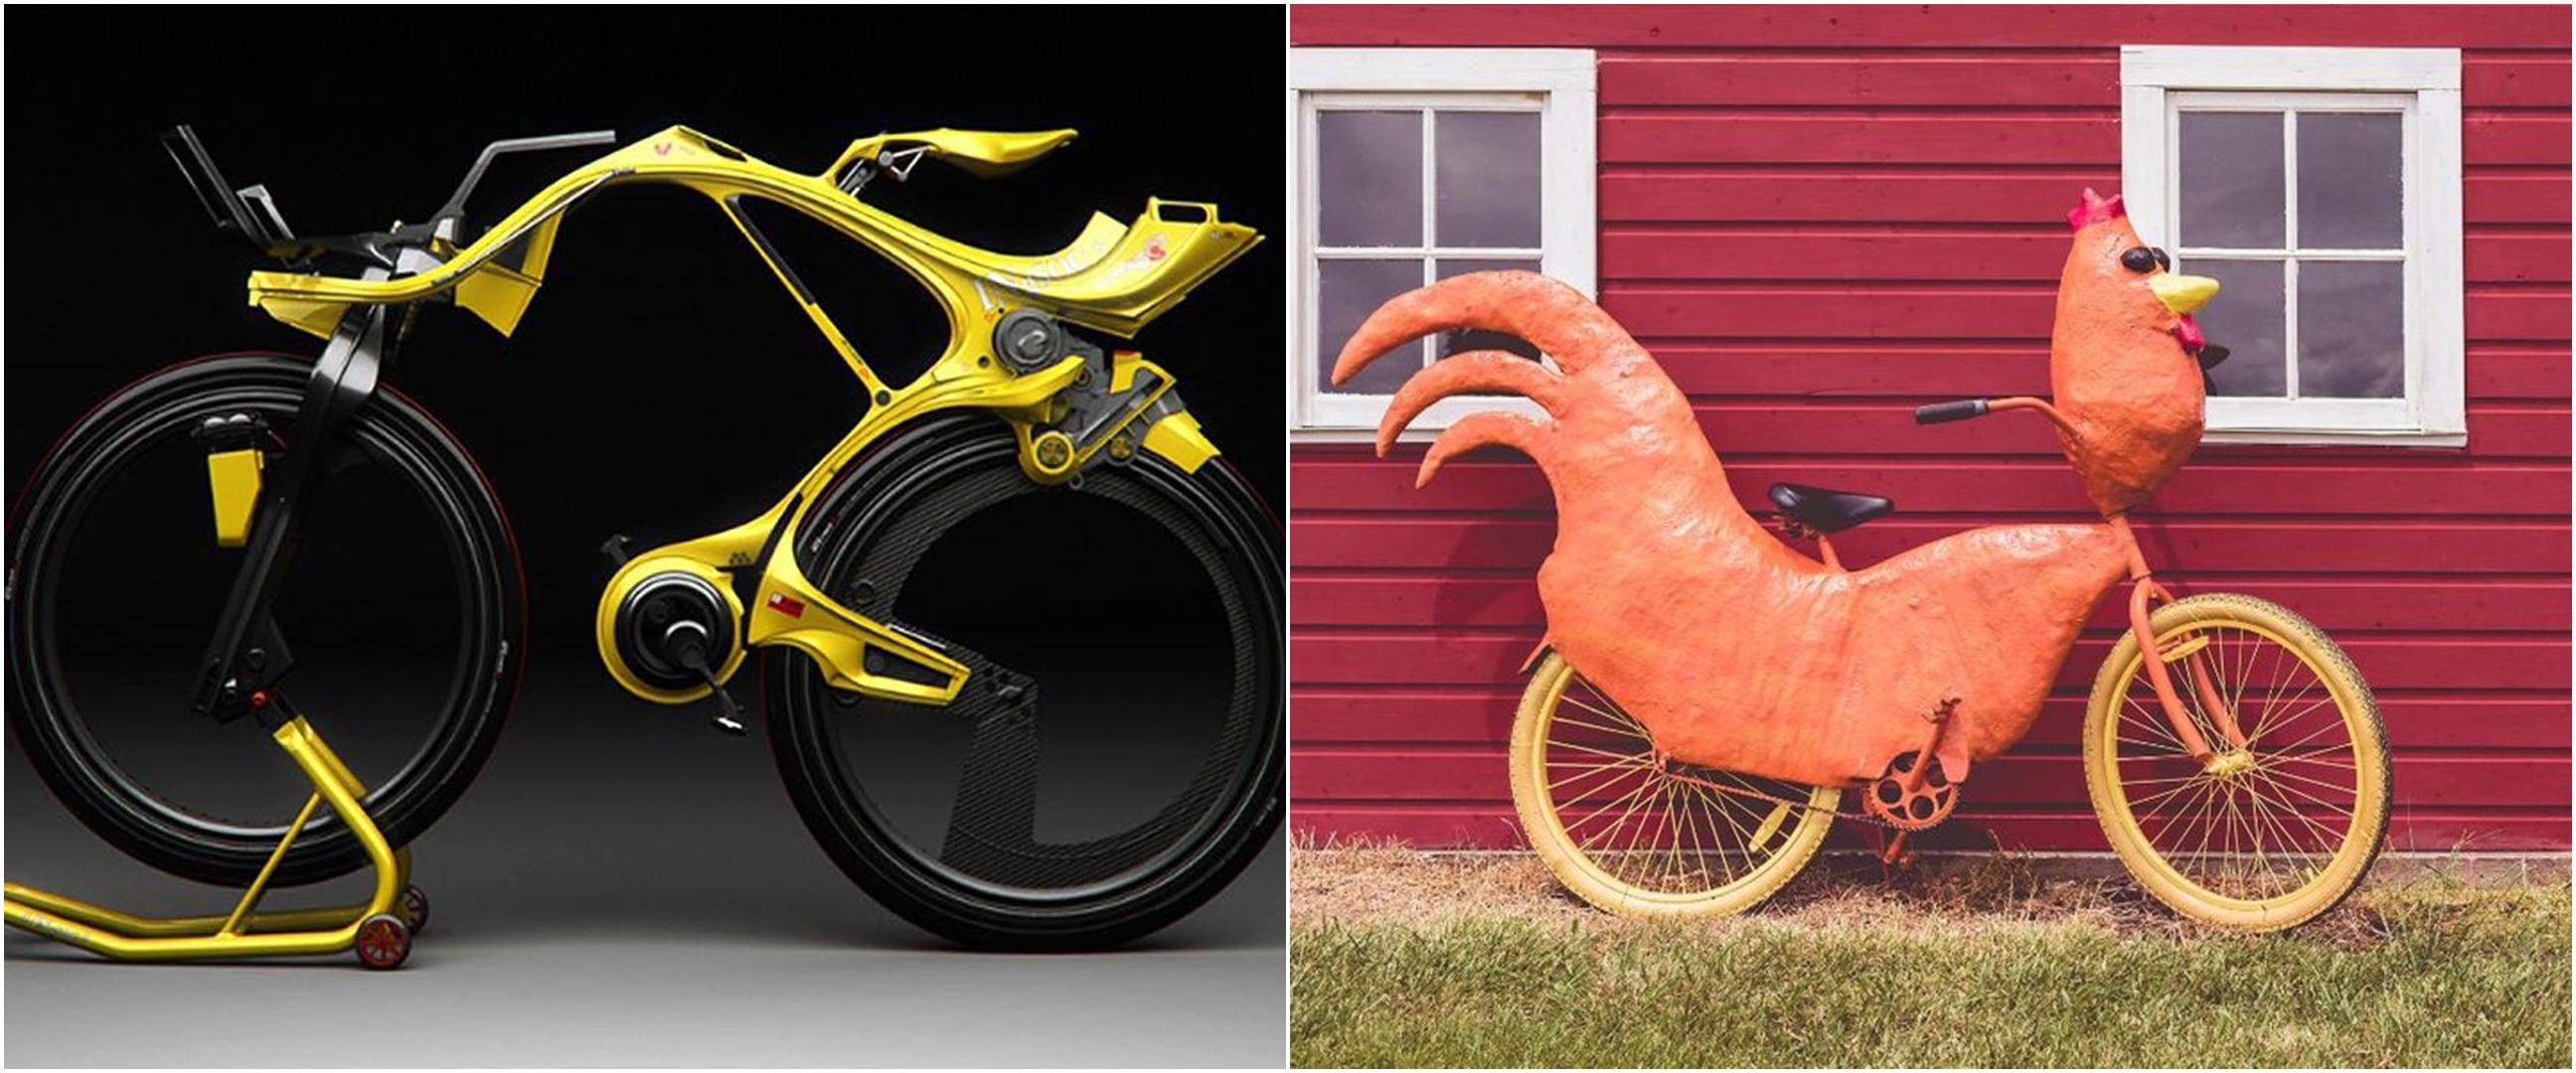 13 Modifikasi sepeda ini antimainstream dan keren, ada mirip ayam